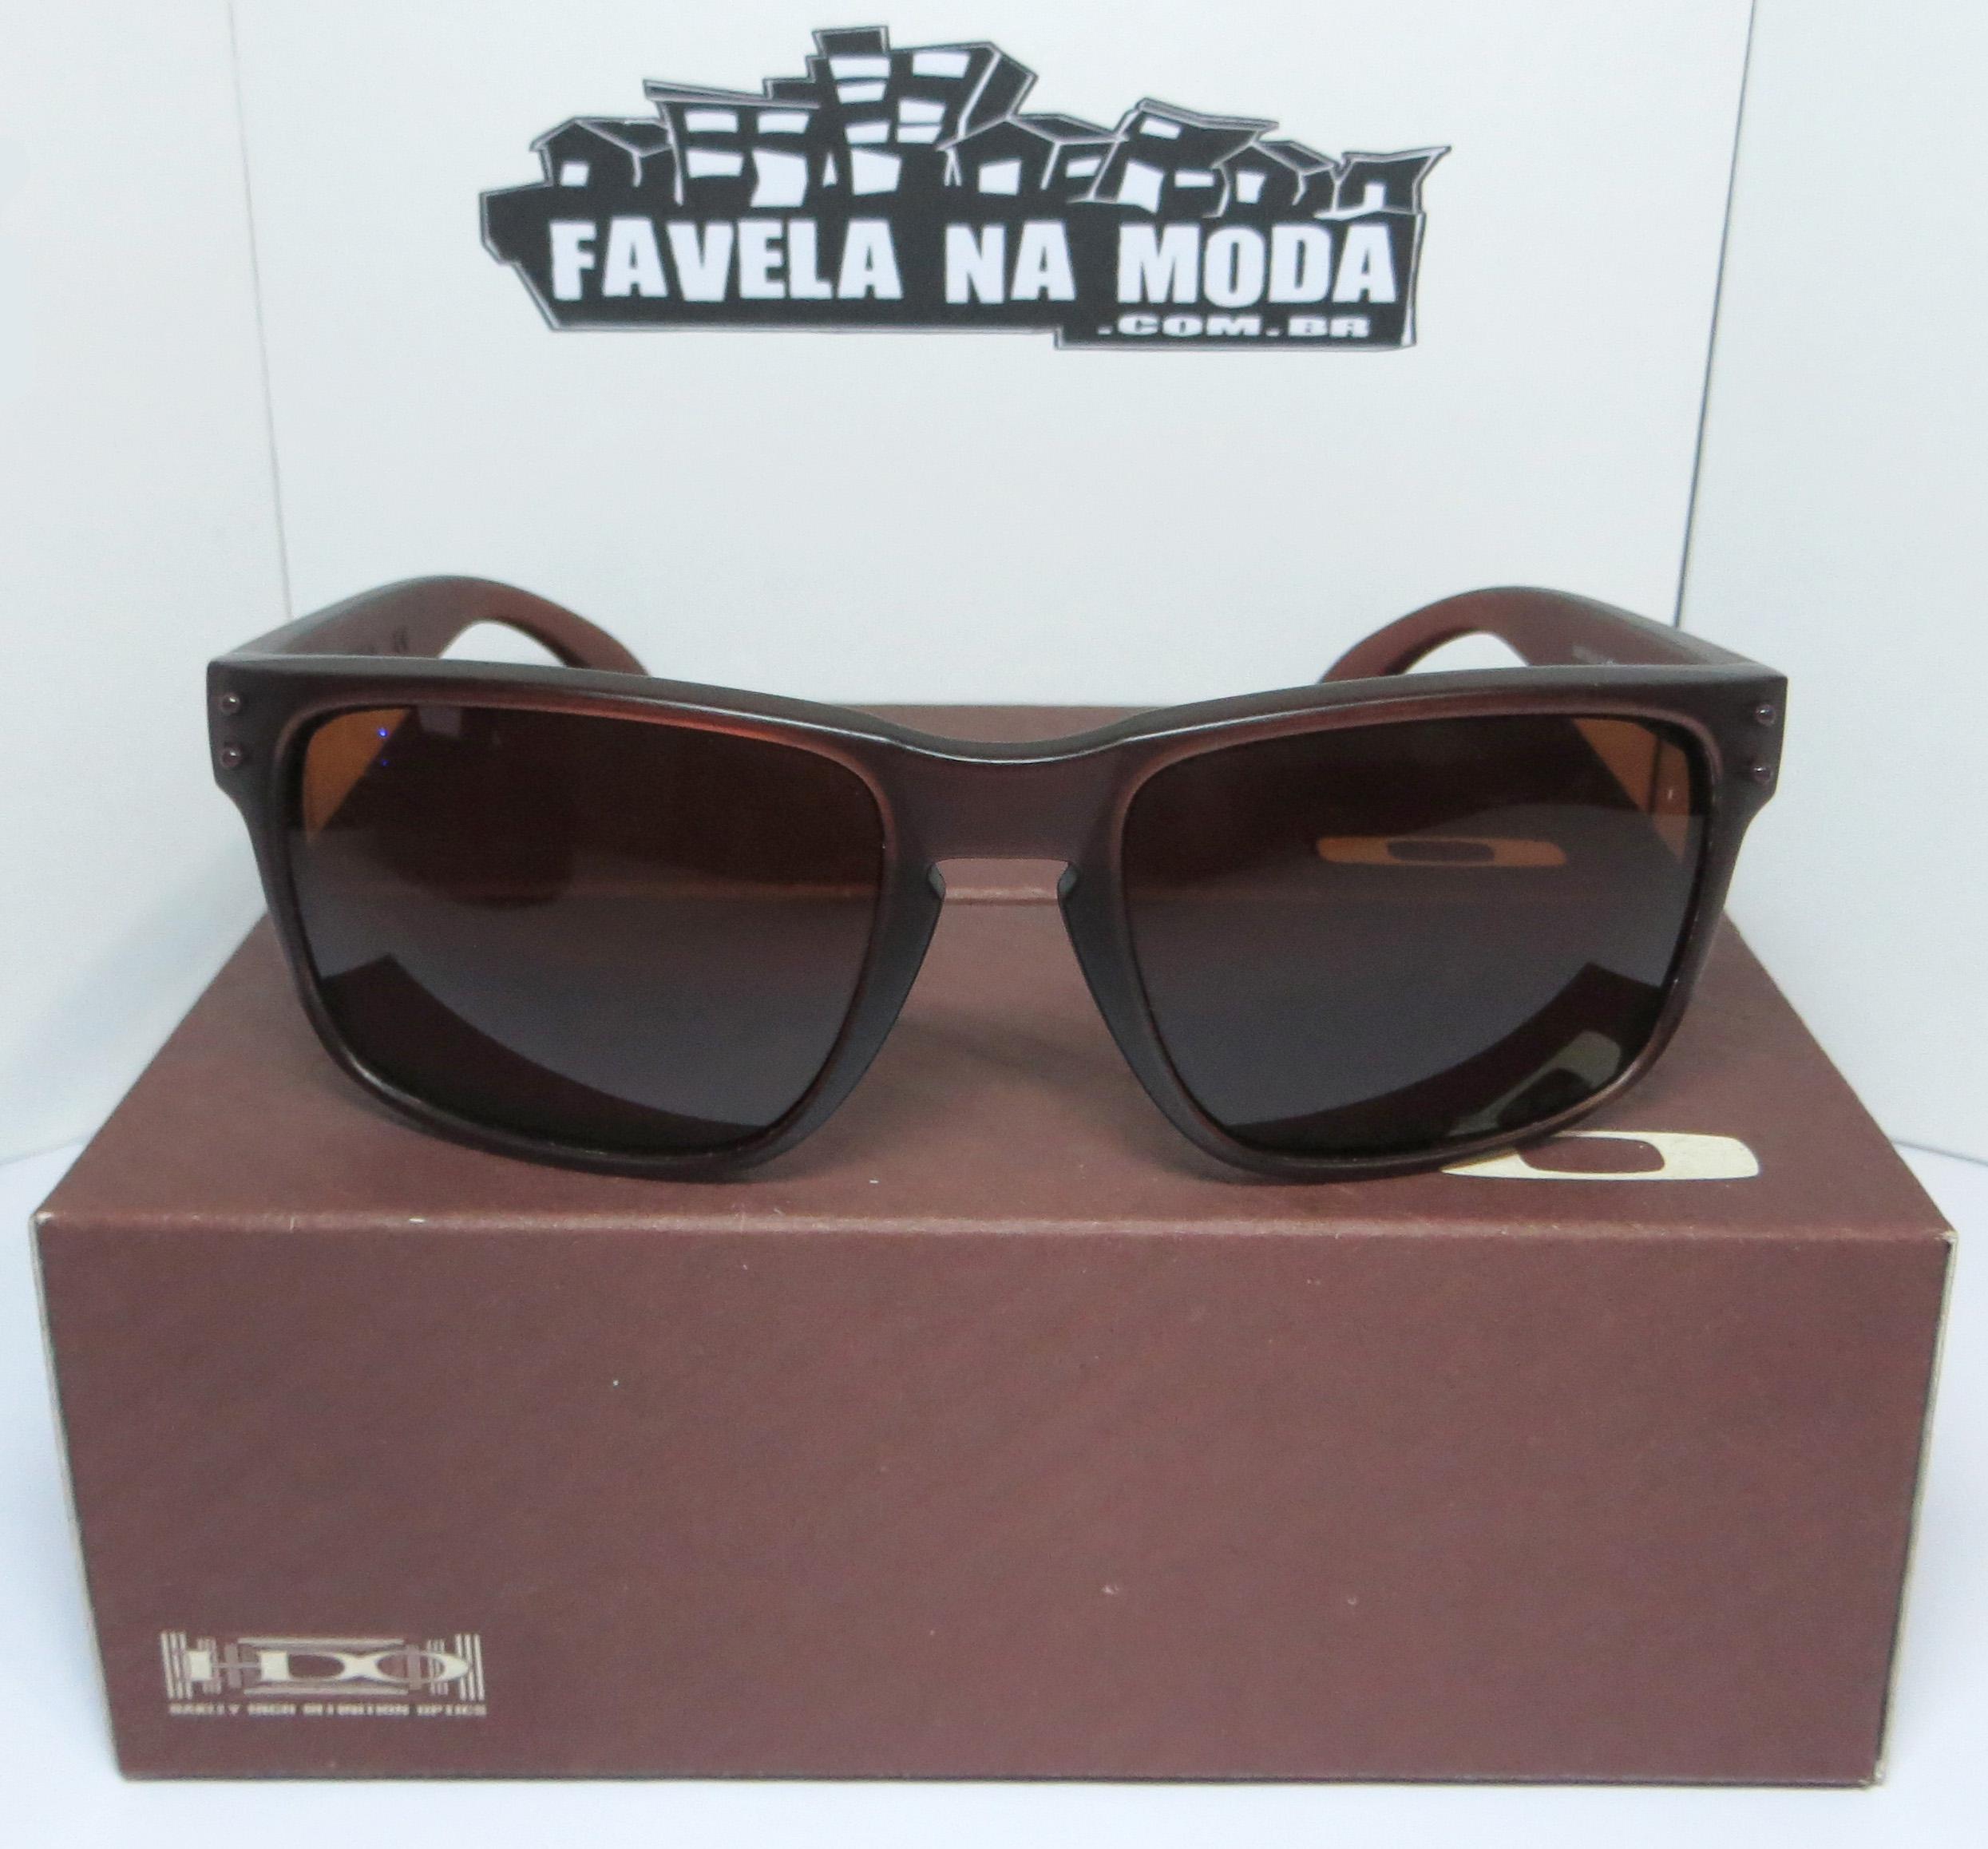 079be1a446d37 Óculos Oakley Holbrook (Matte Rootbeer) - Armação Marrom Transparente    Lente Marrom   Ícone Marrom